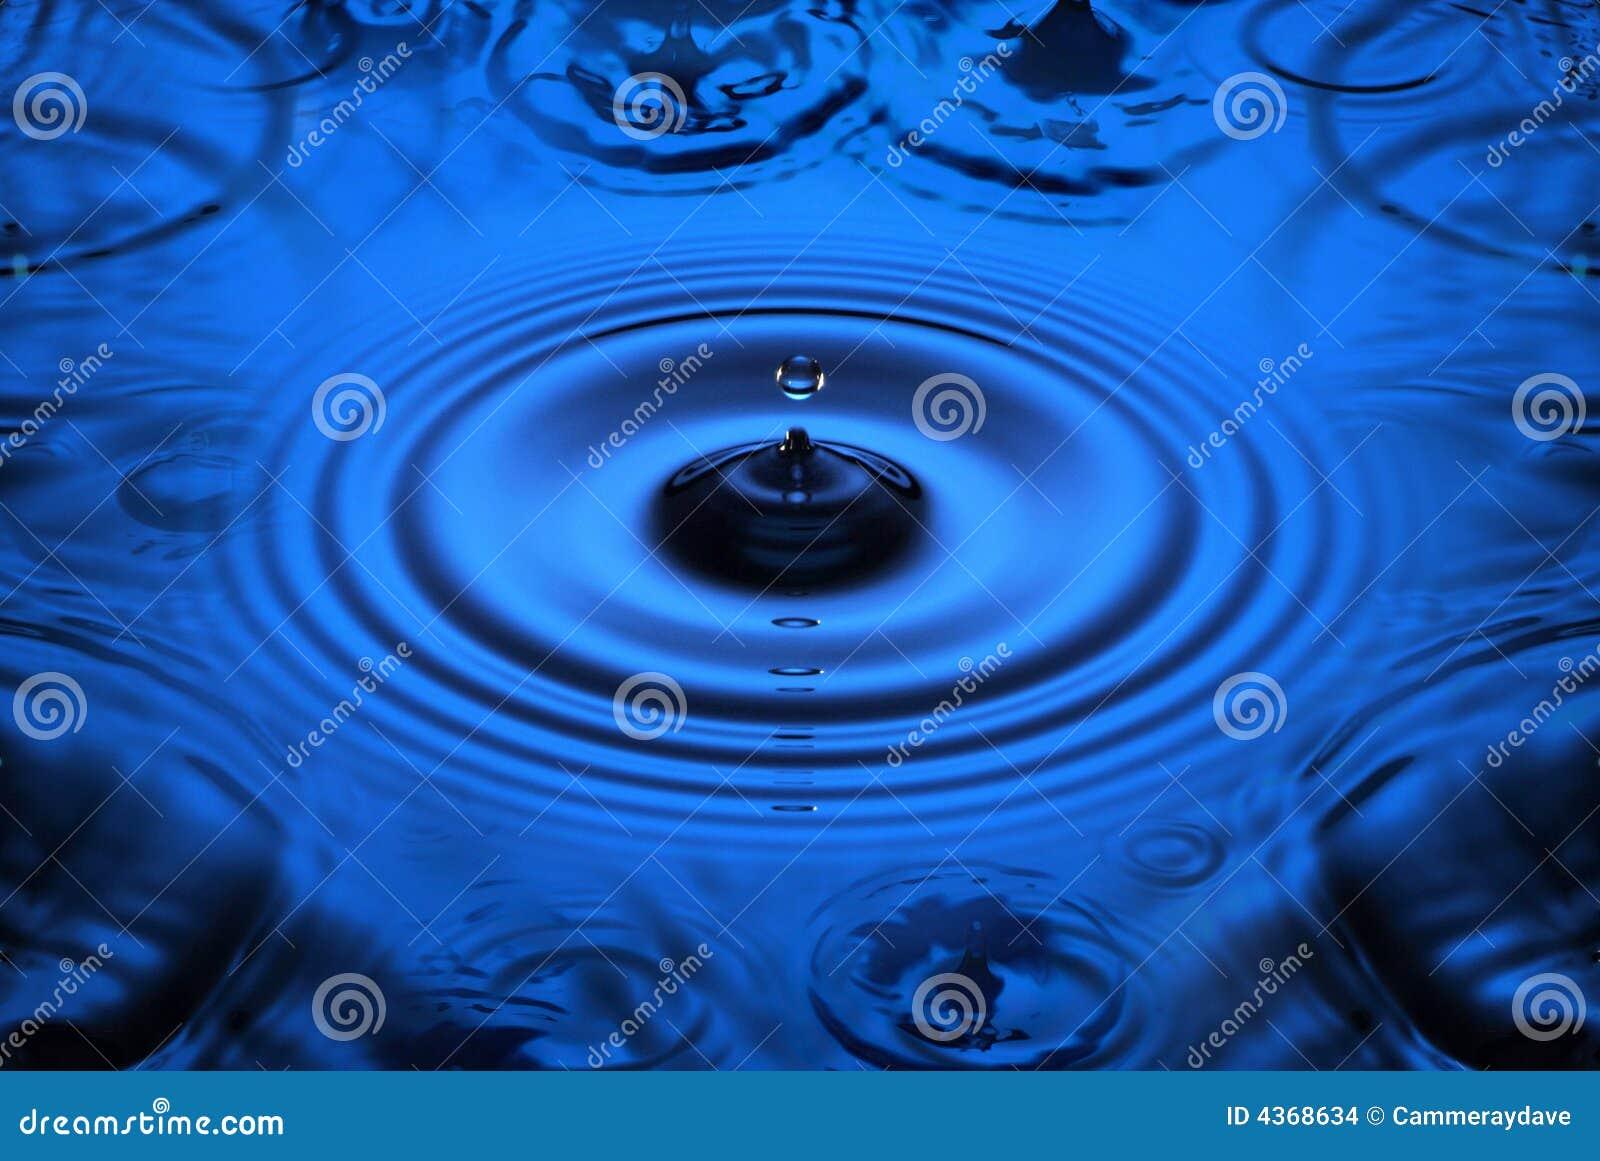 Czochr kropli wody.